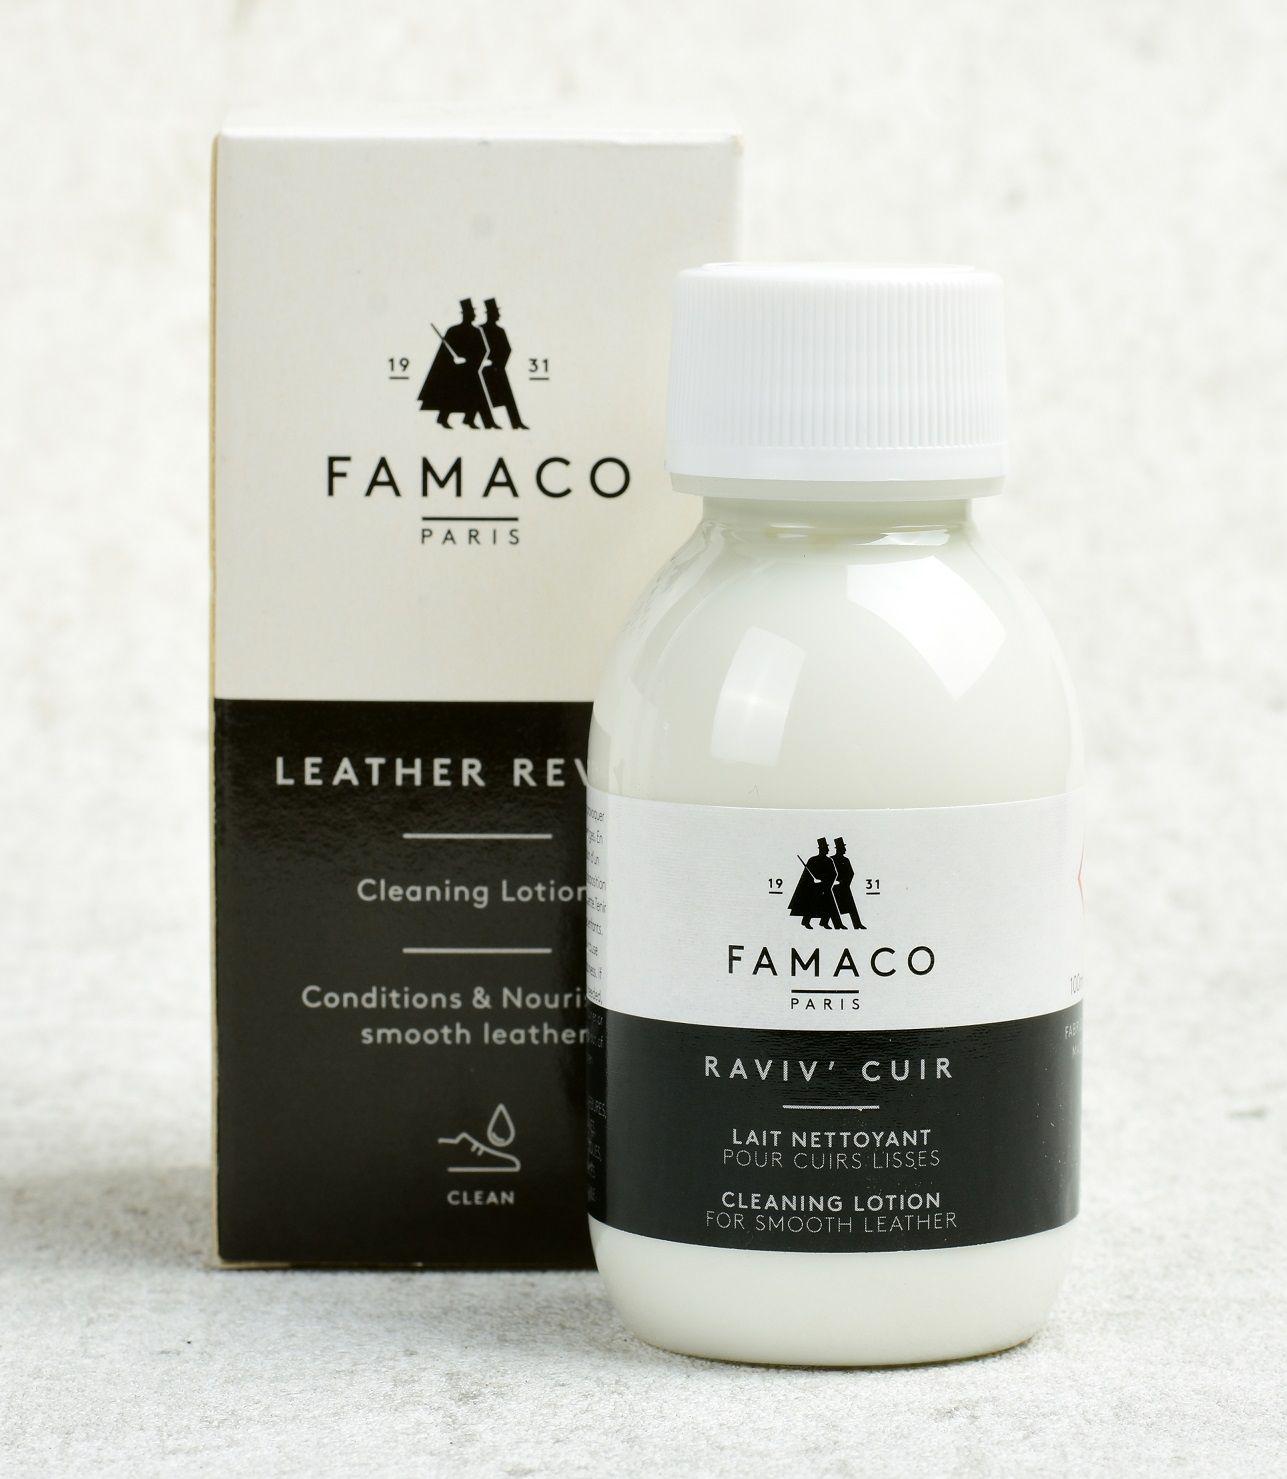 Hloubkový čistič na kůži Famaco Raviv' cuir